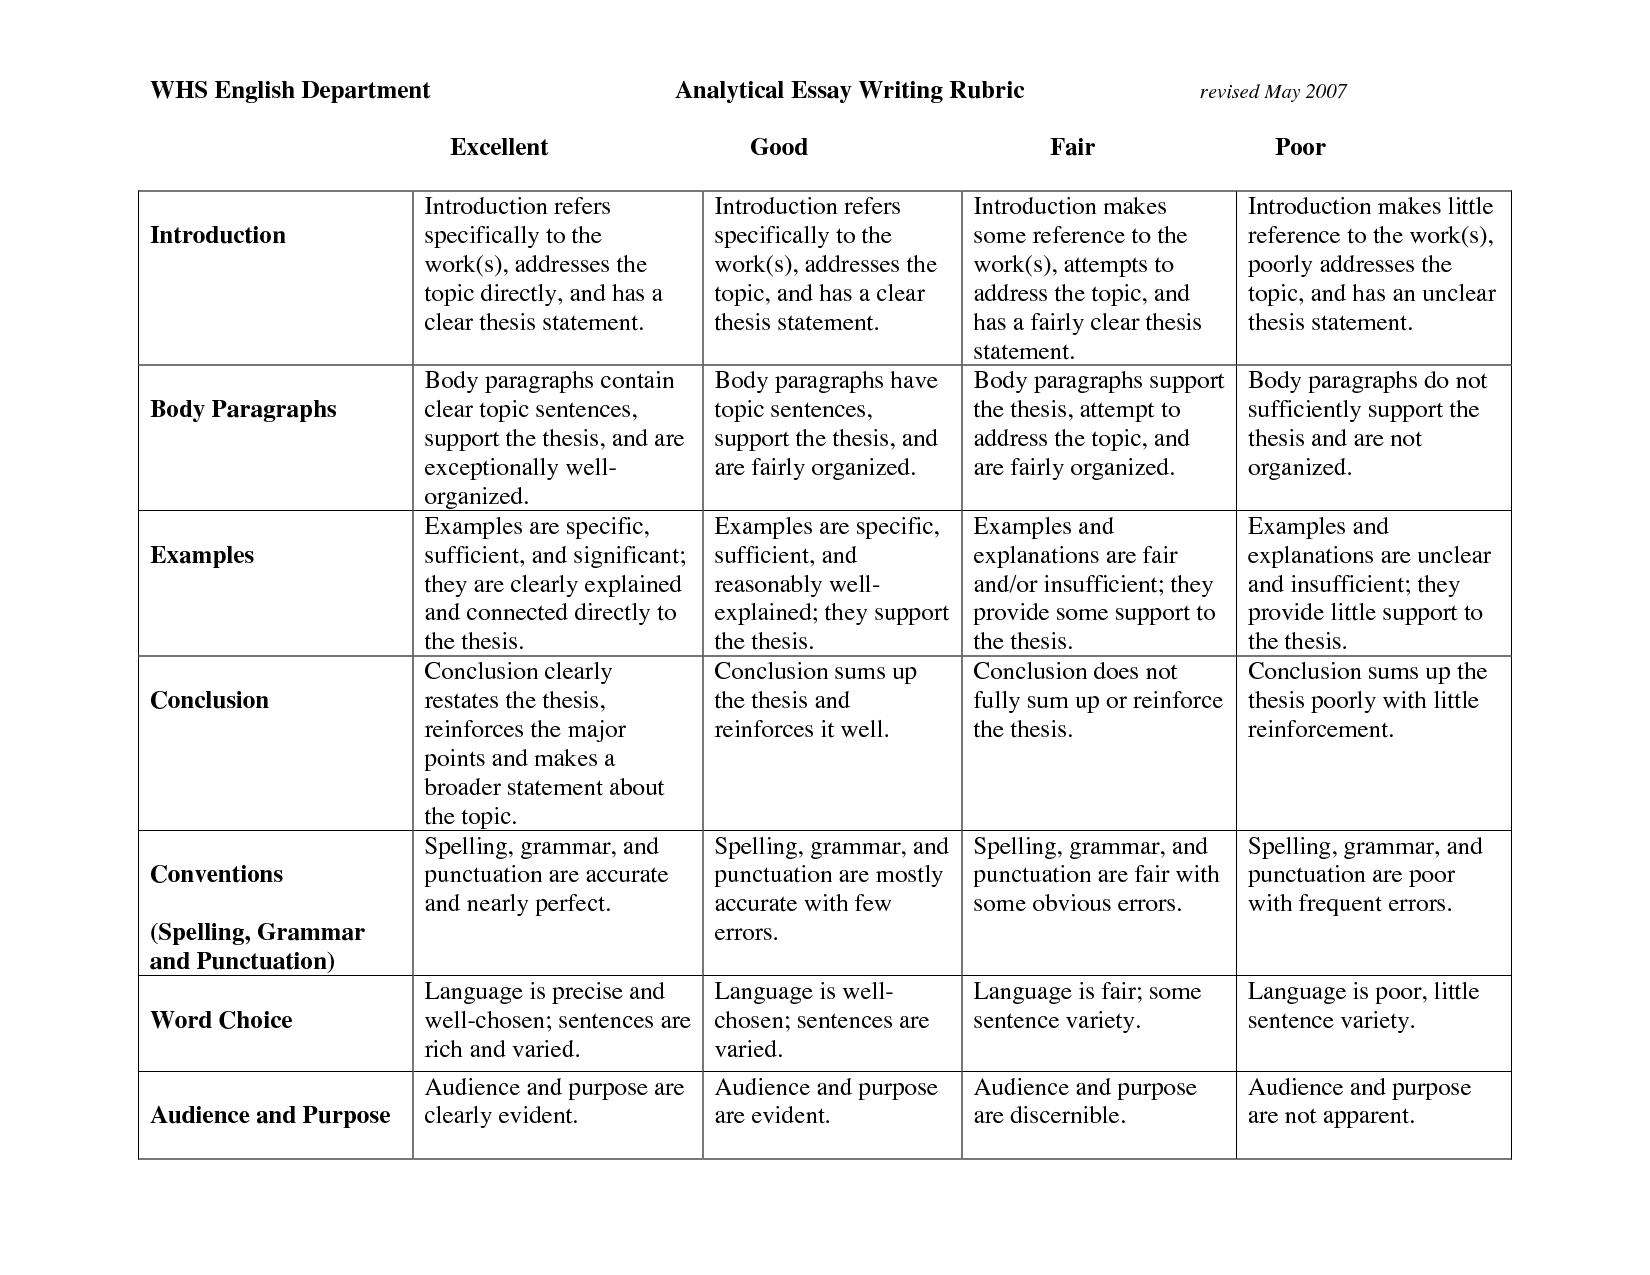 Essay Writing Rubric Writing Rubric Essay Writing Teaching Critical Thinking